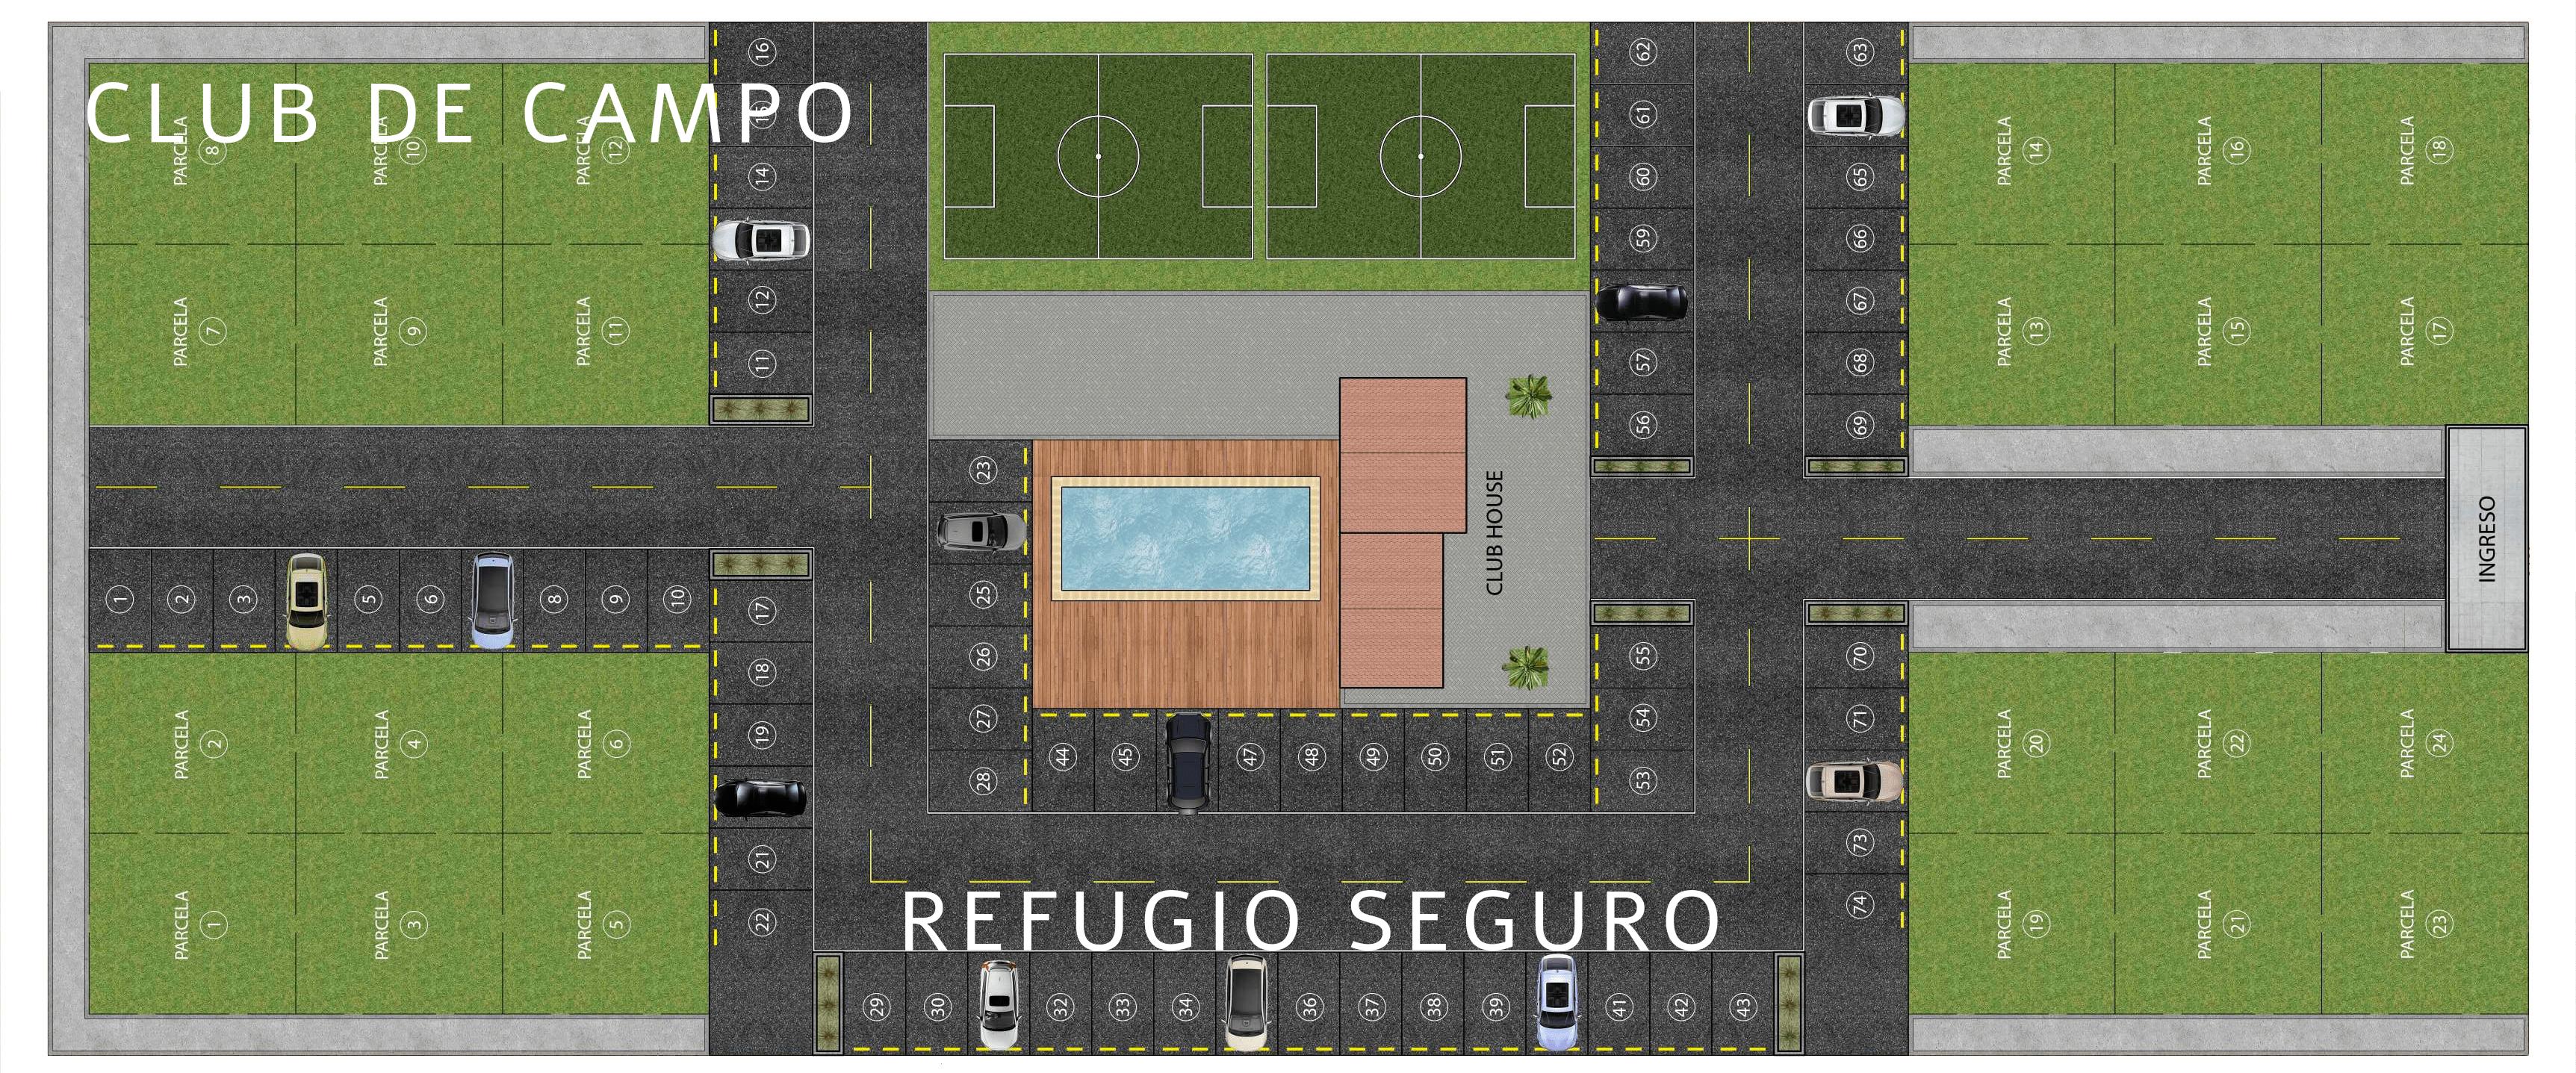 CLUB DE CAMPO REFUGIO SEGURO-min(1)